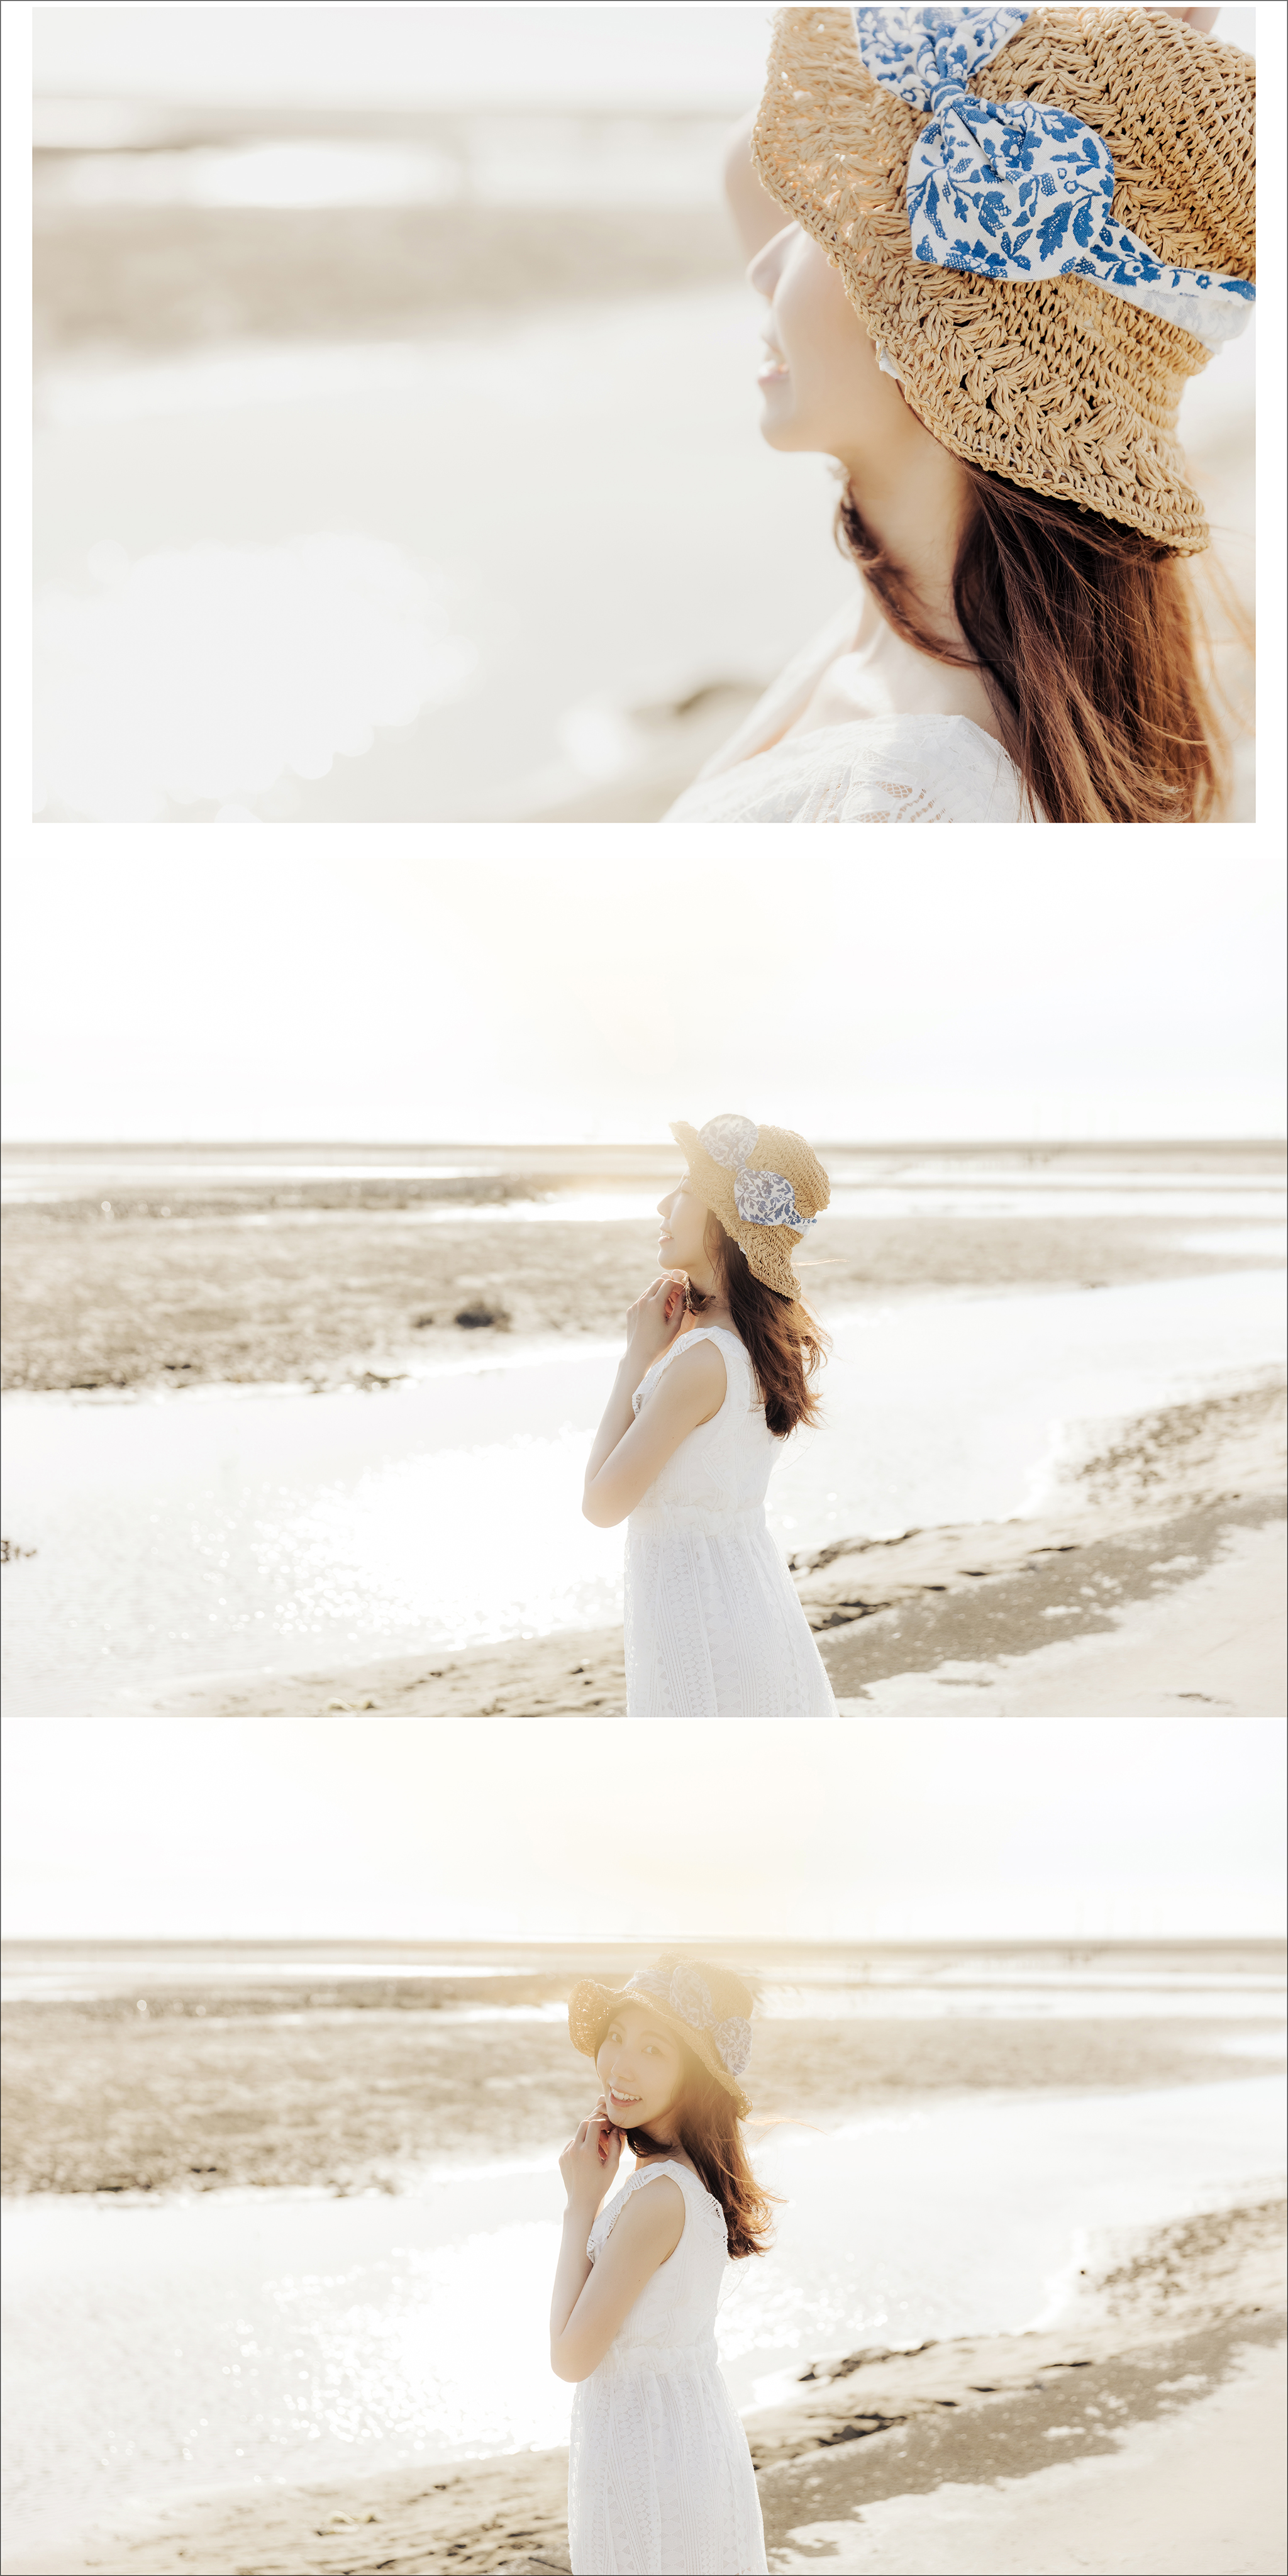 51391539603 b24db15eb4 o - 【夏季寫真】+Shan+EP3